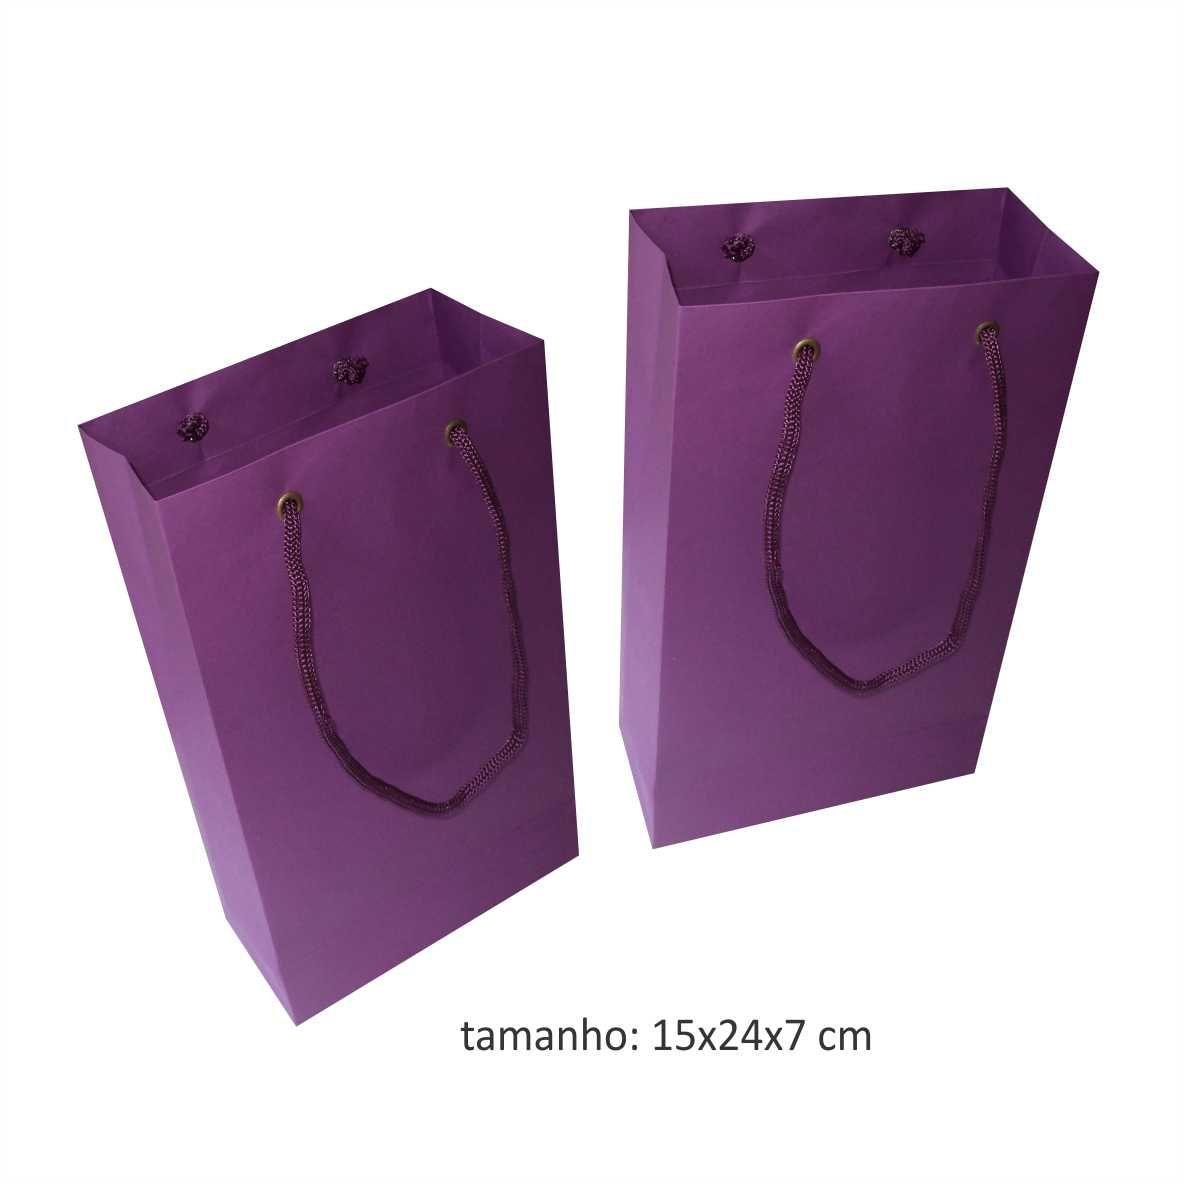 Sacola de papel (15x24x7 cm) pequena - lilás - 10 unidades